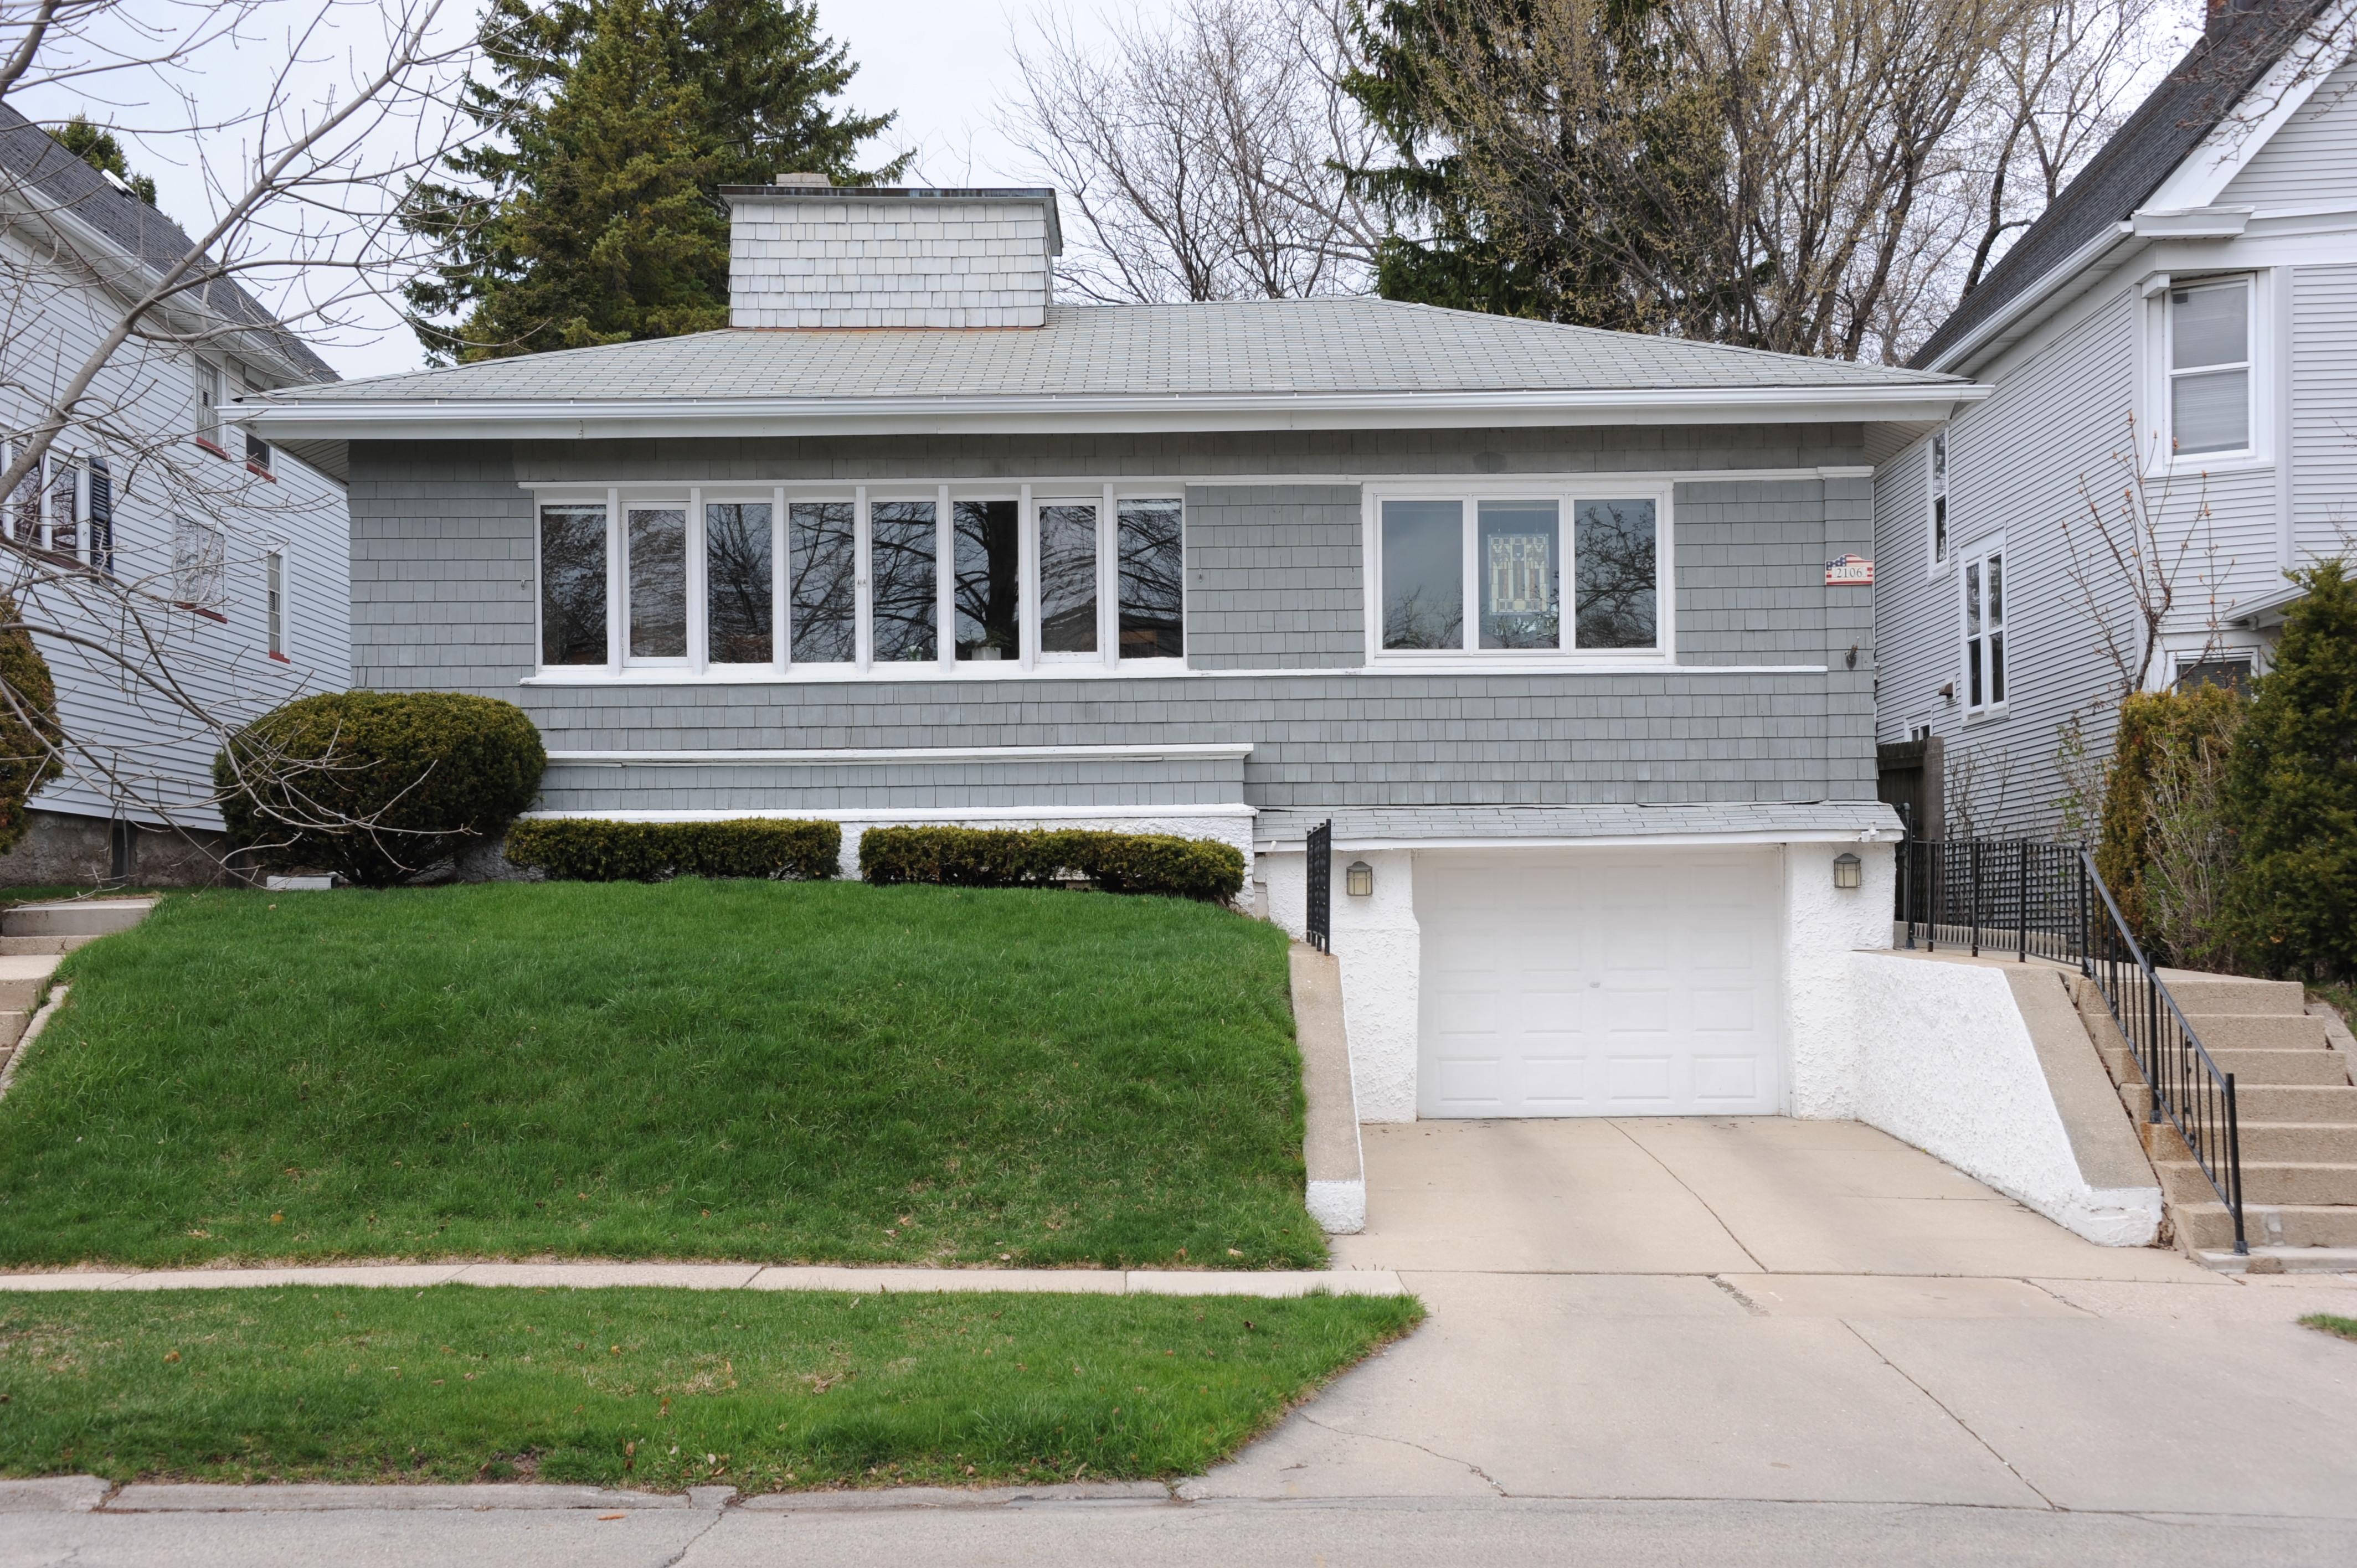 Elizabeth Murphy House in Shorewood, WI, Identified as a